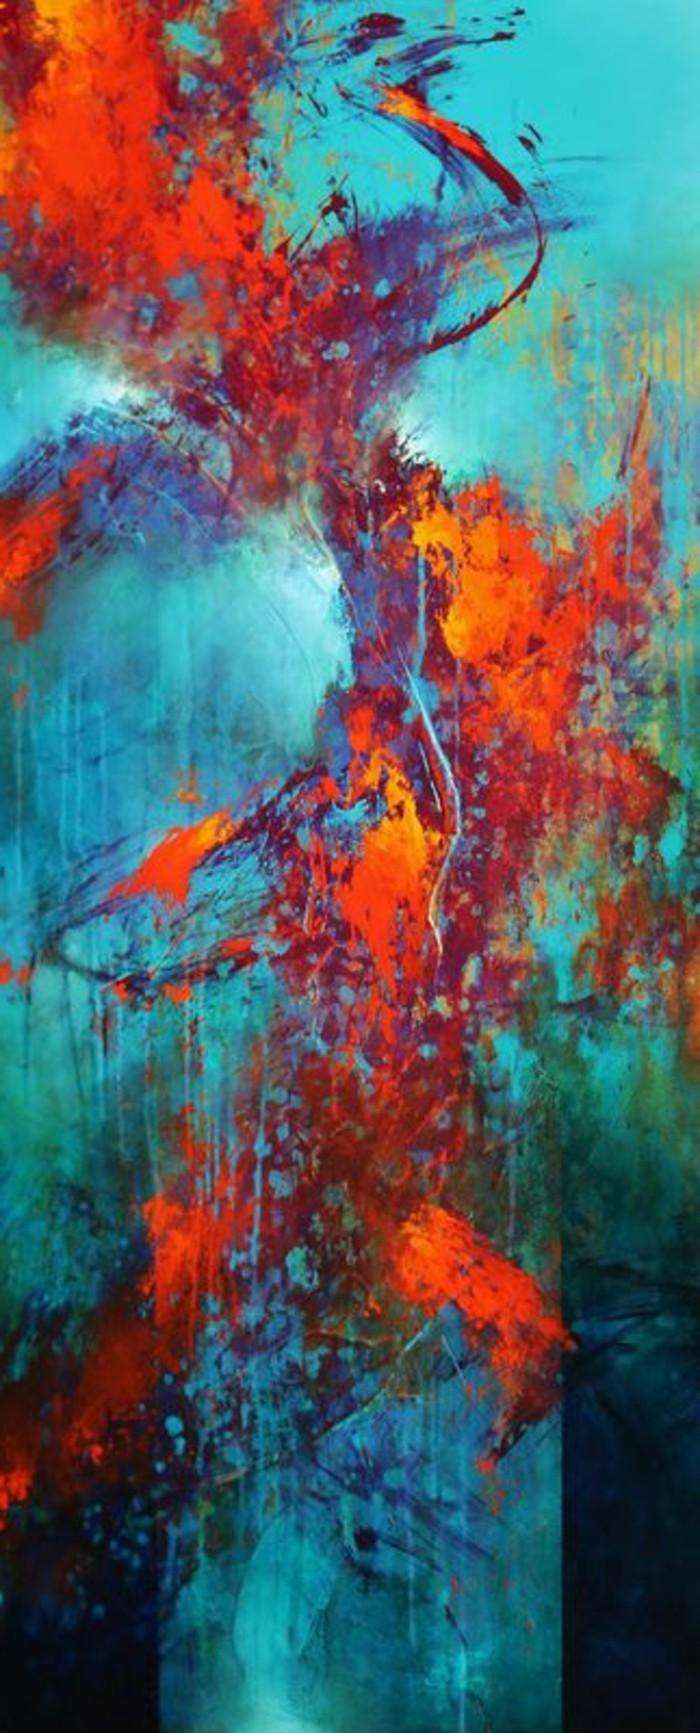 Zeitgenössische-Malerei-ein-abstraktes-Bild